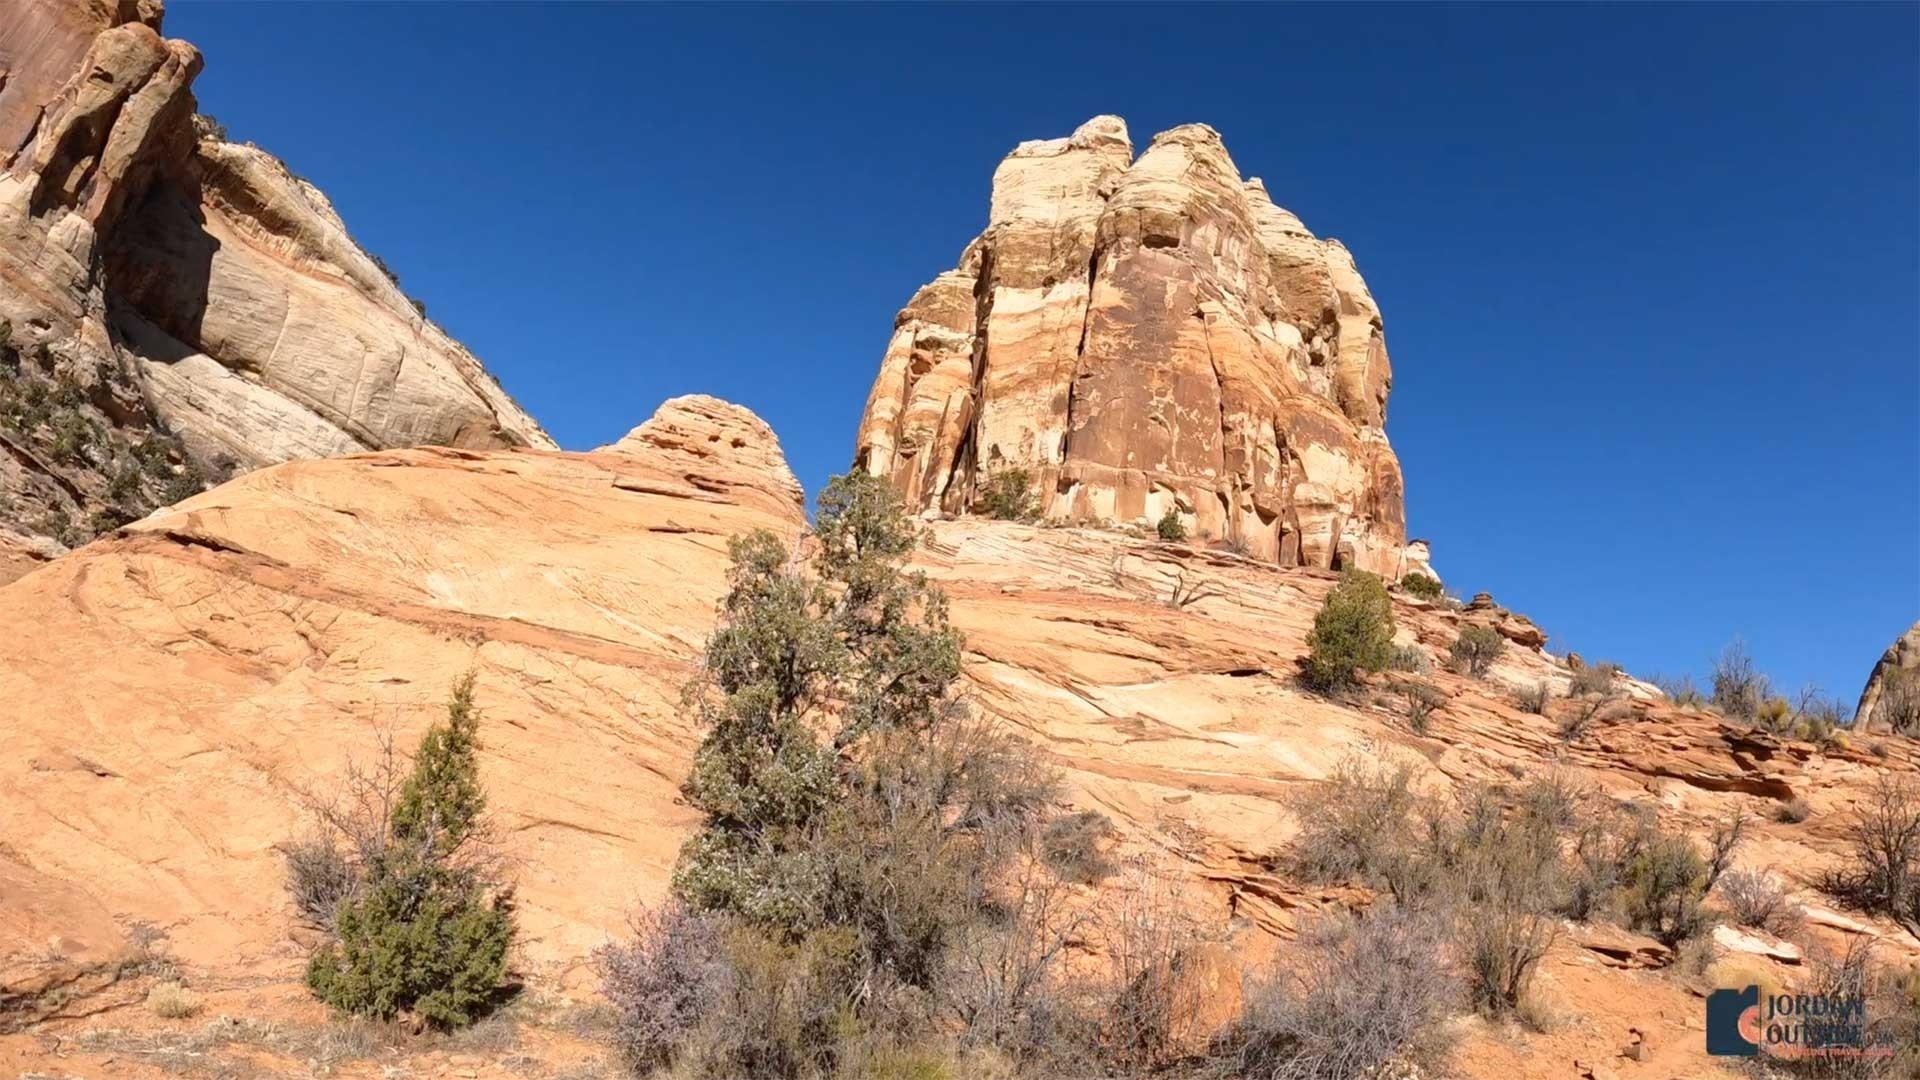 Views of tall rocks on the Lower Calf Creek Falls Trail